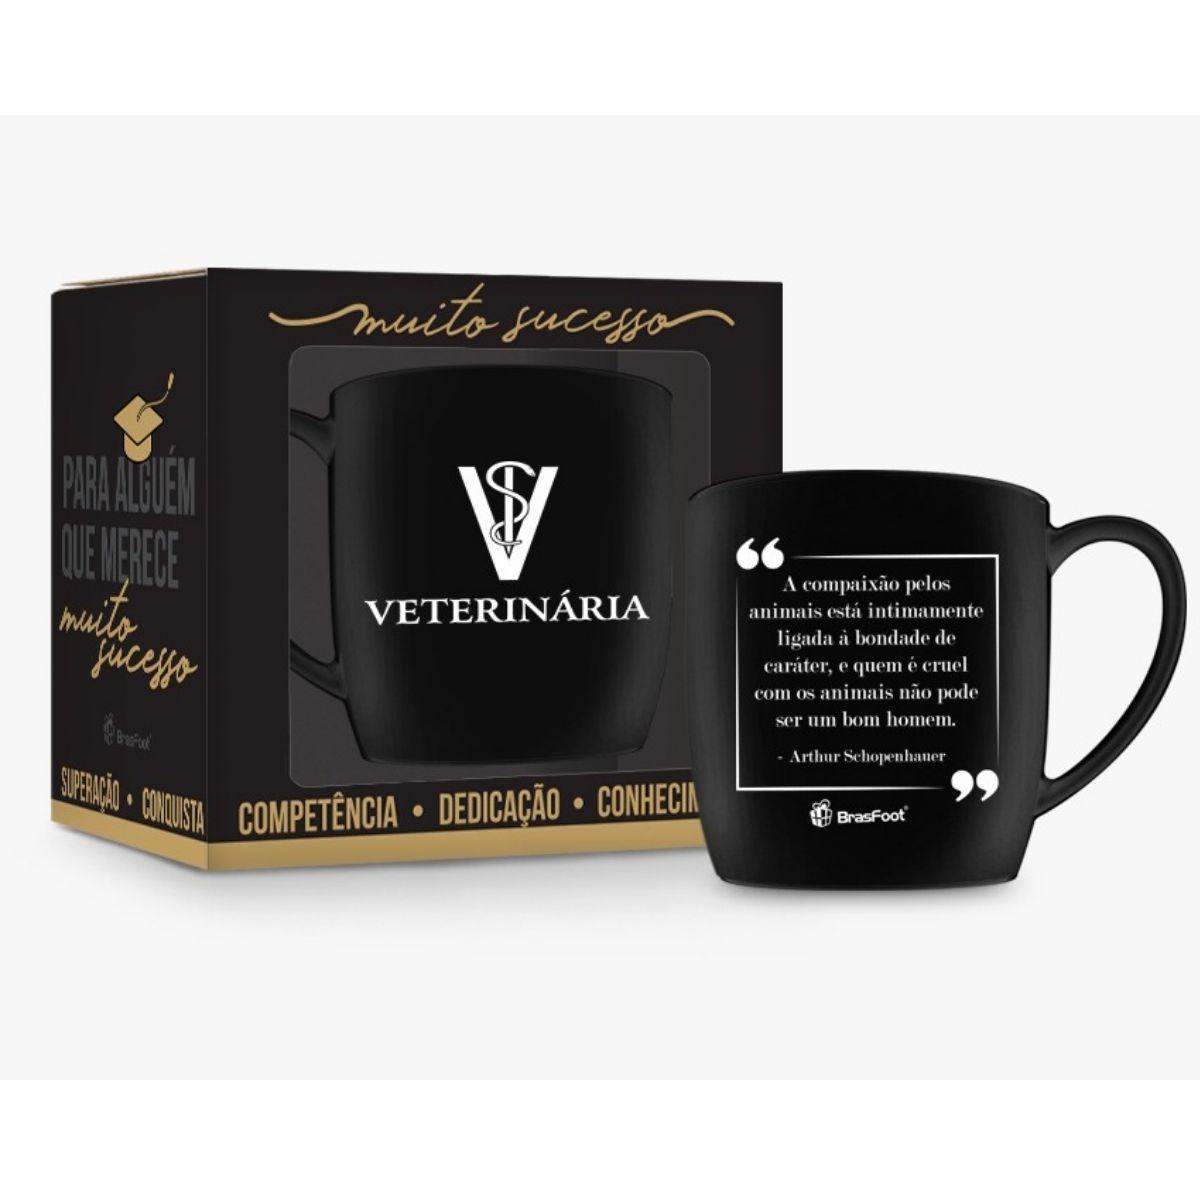 Caneca Porcelana 360ml na caixa - Curso Veterinária Presente Brasfoot